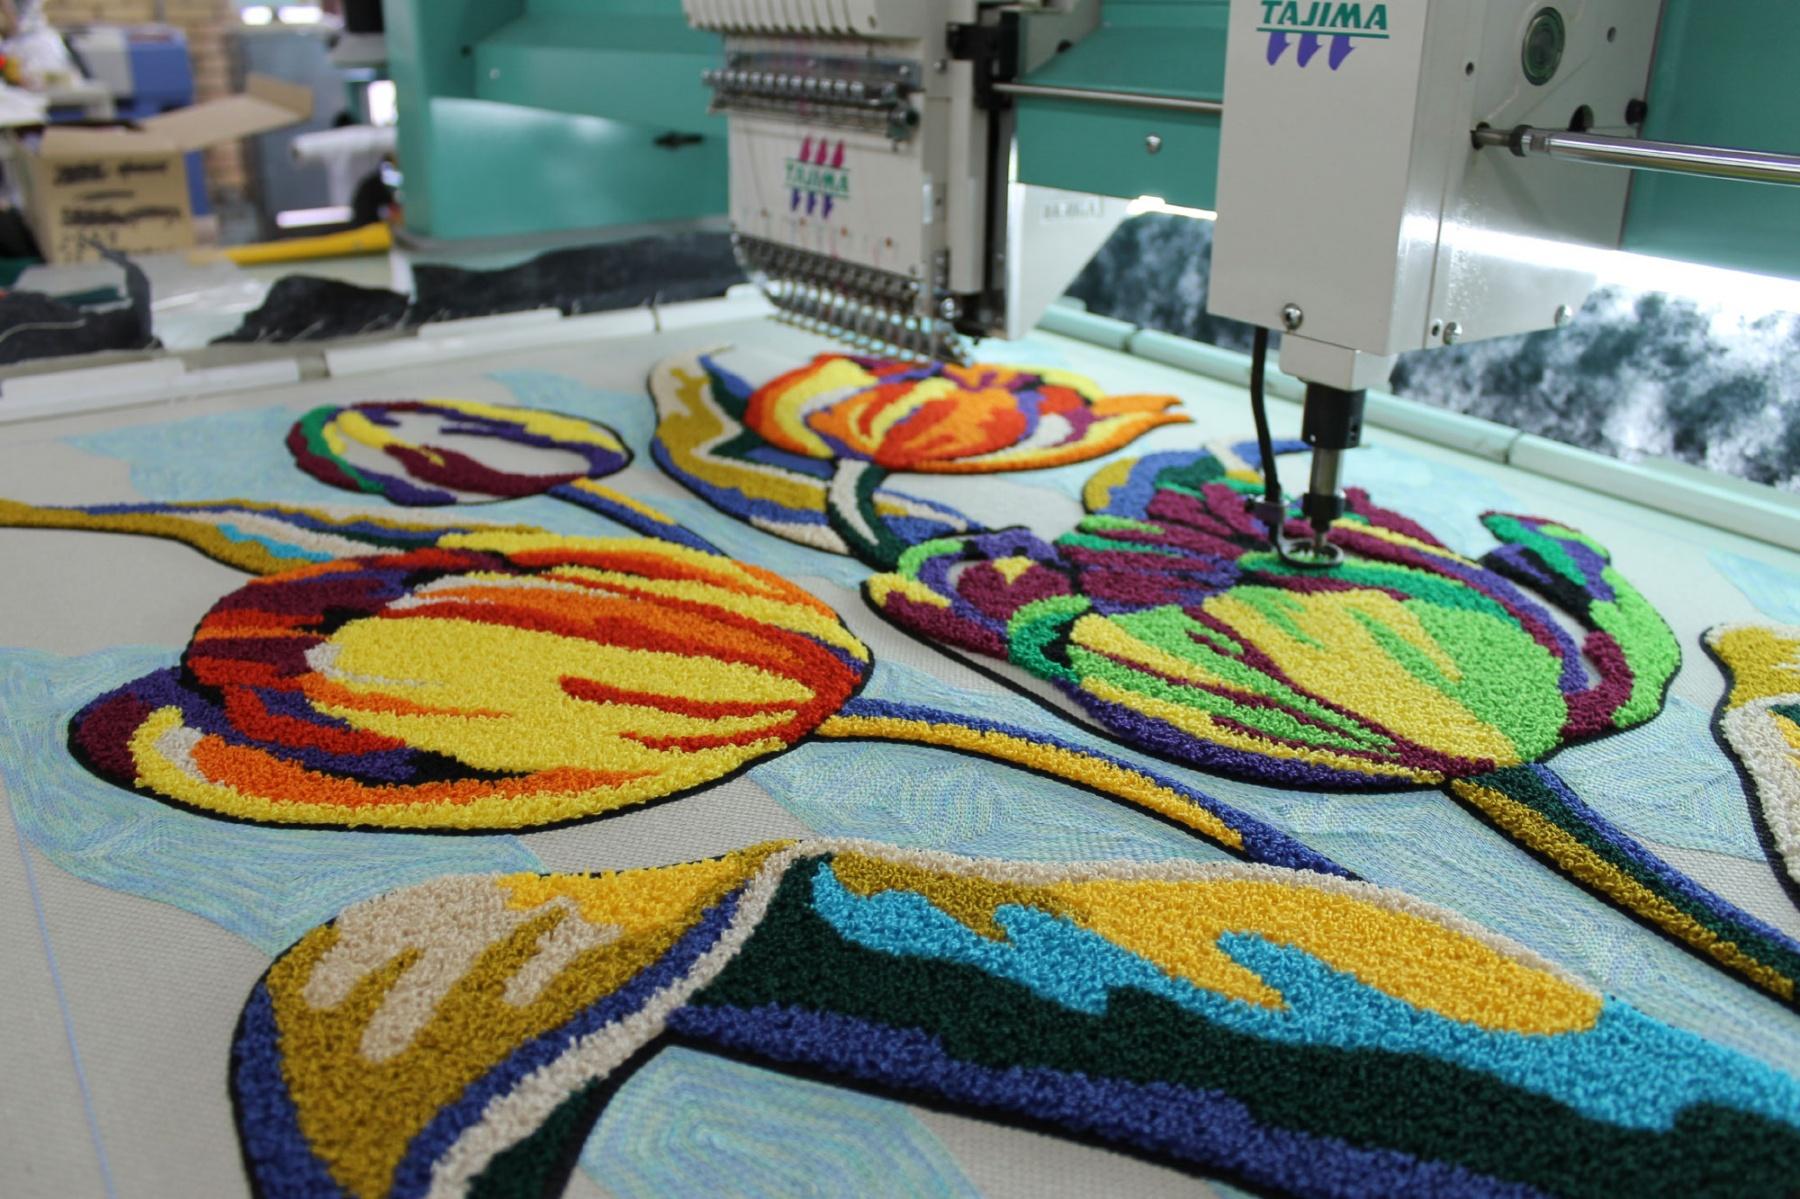 Машинная вышивка - идеальный вариант декора одежды